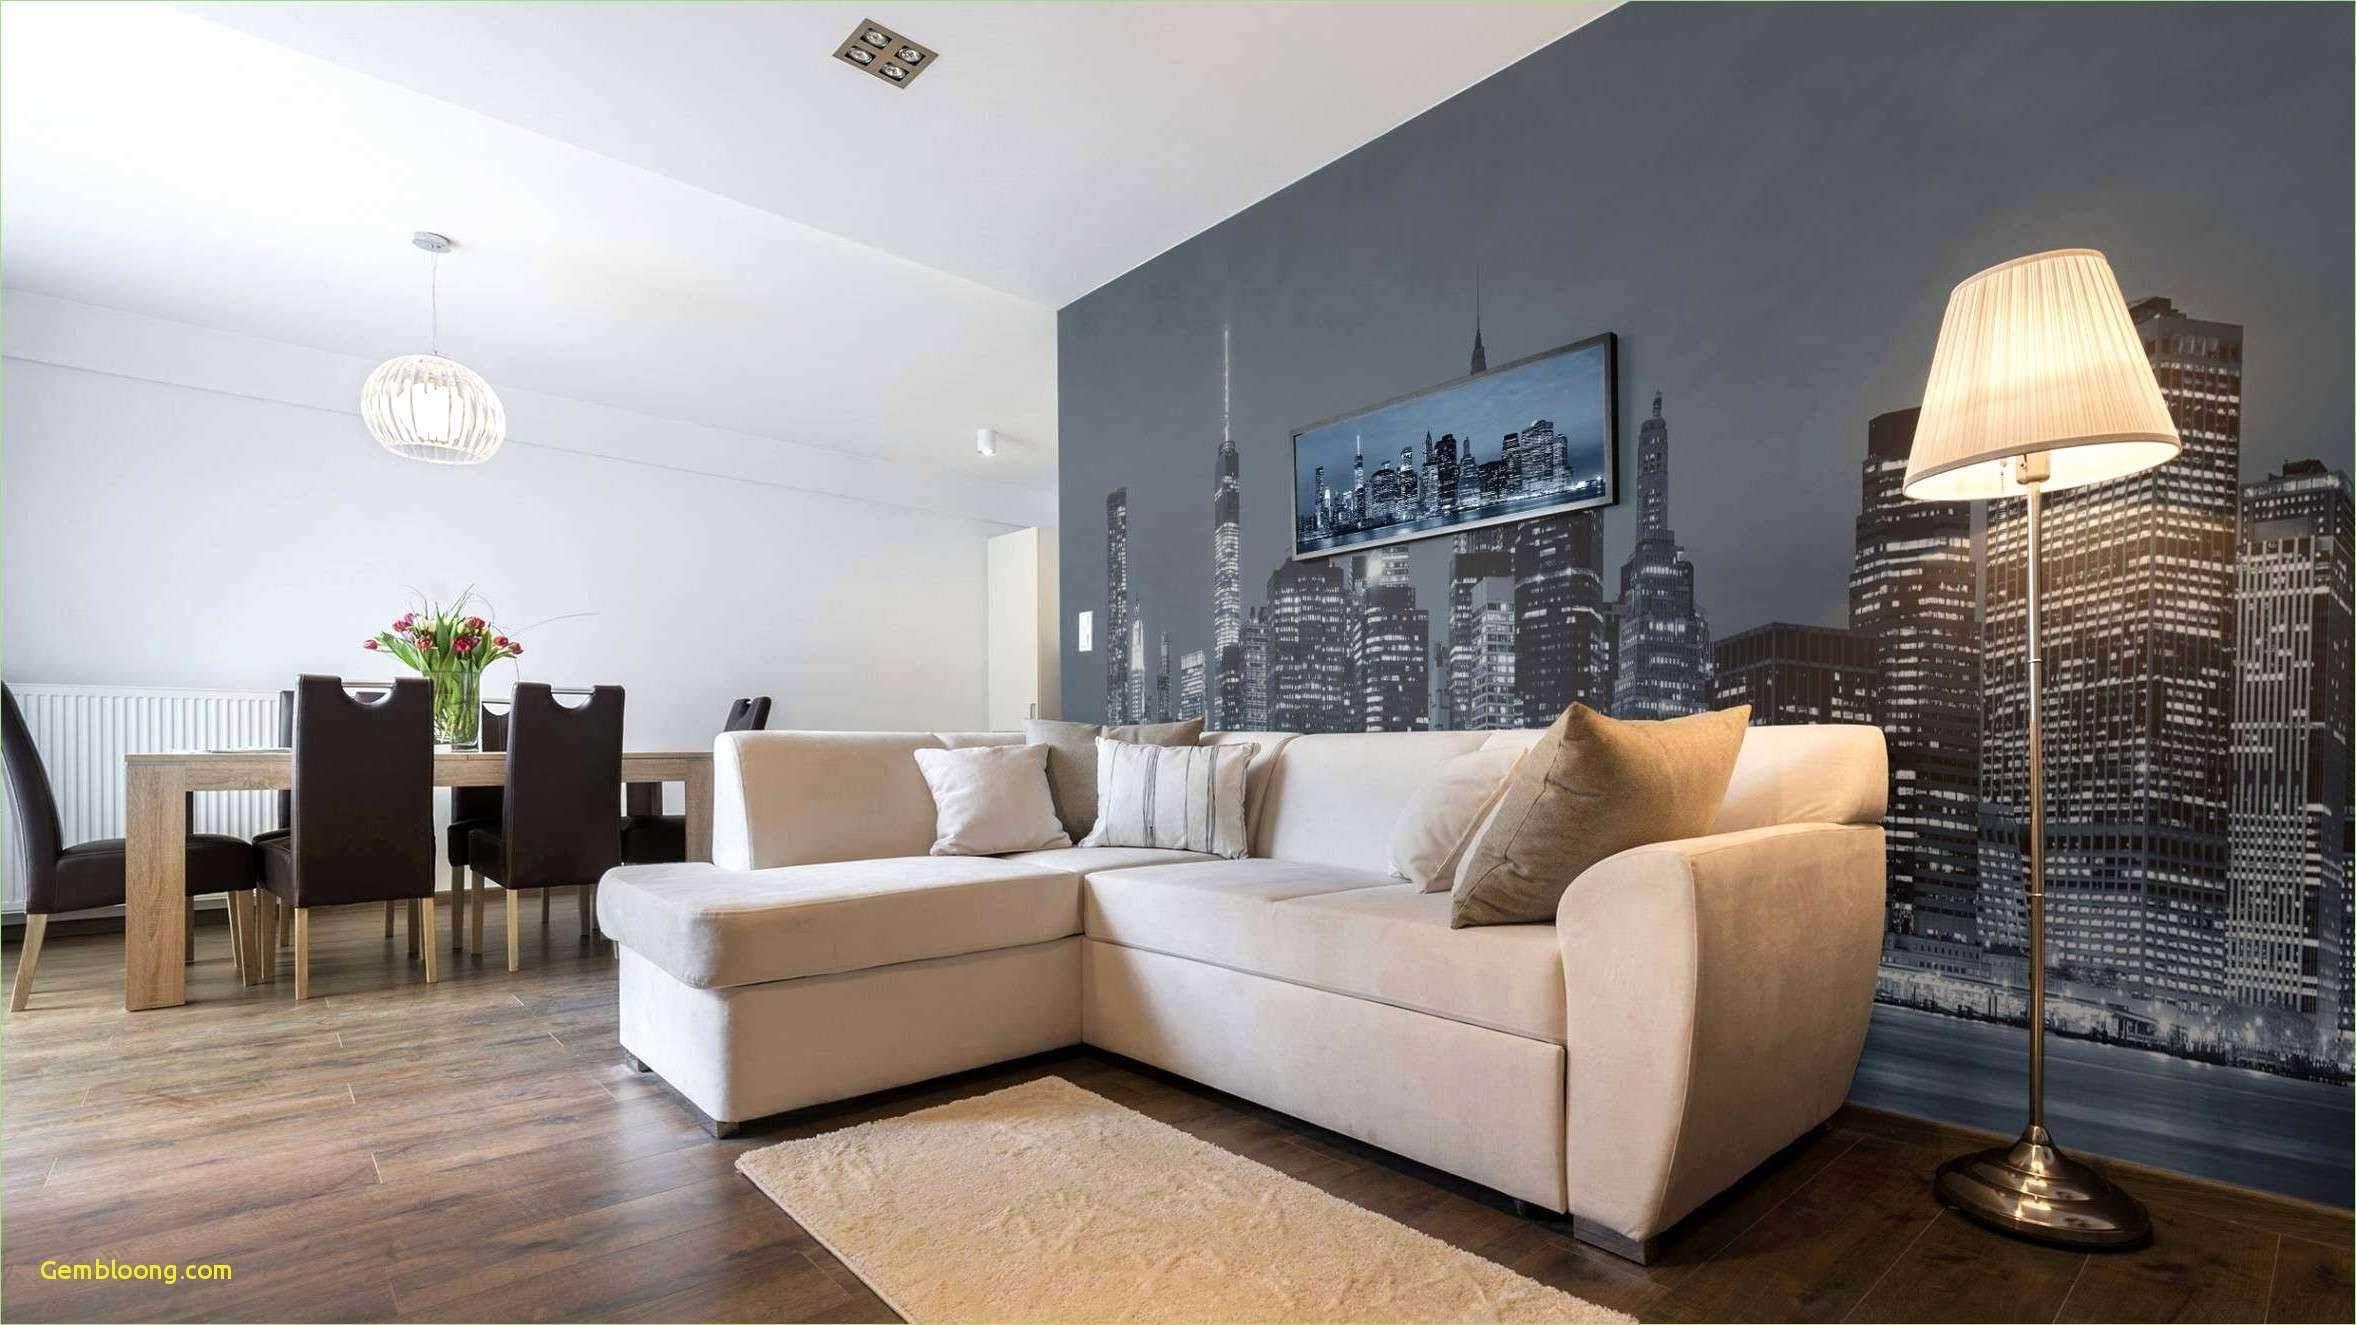 dekoration wohnzimmer schon 40 oben von von regal an der wand konzept of dekoration wohnzimmer